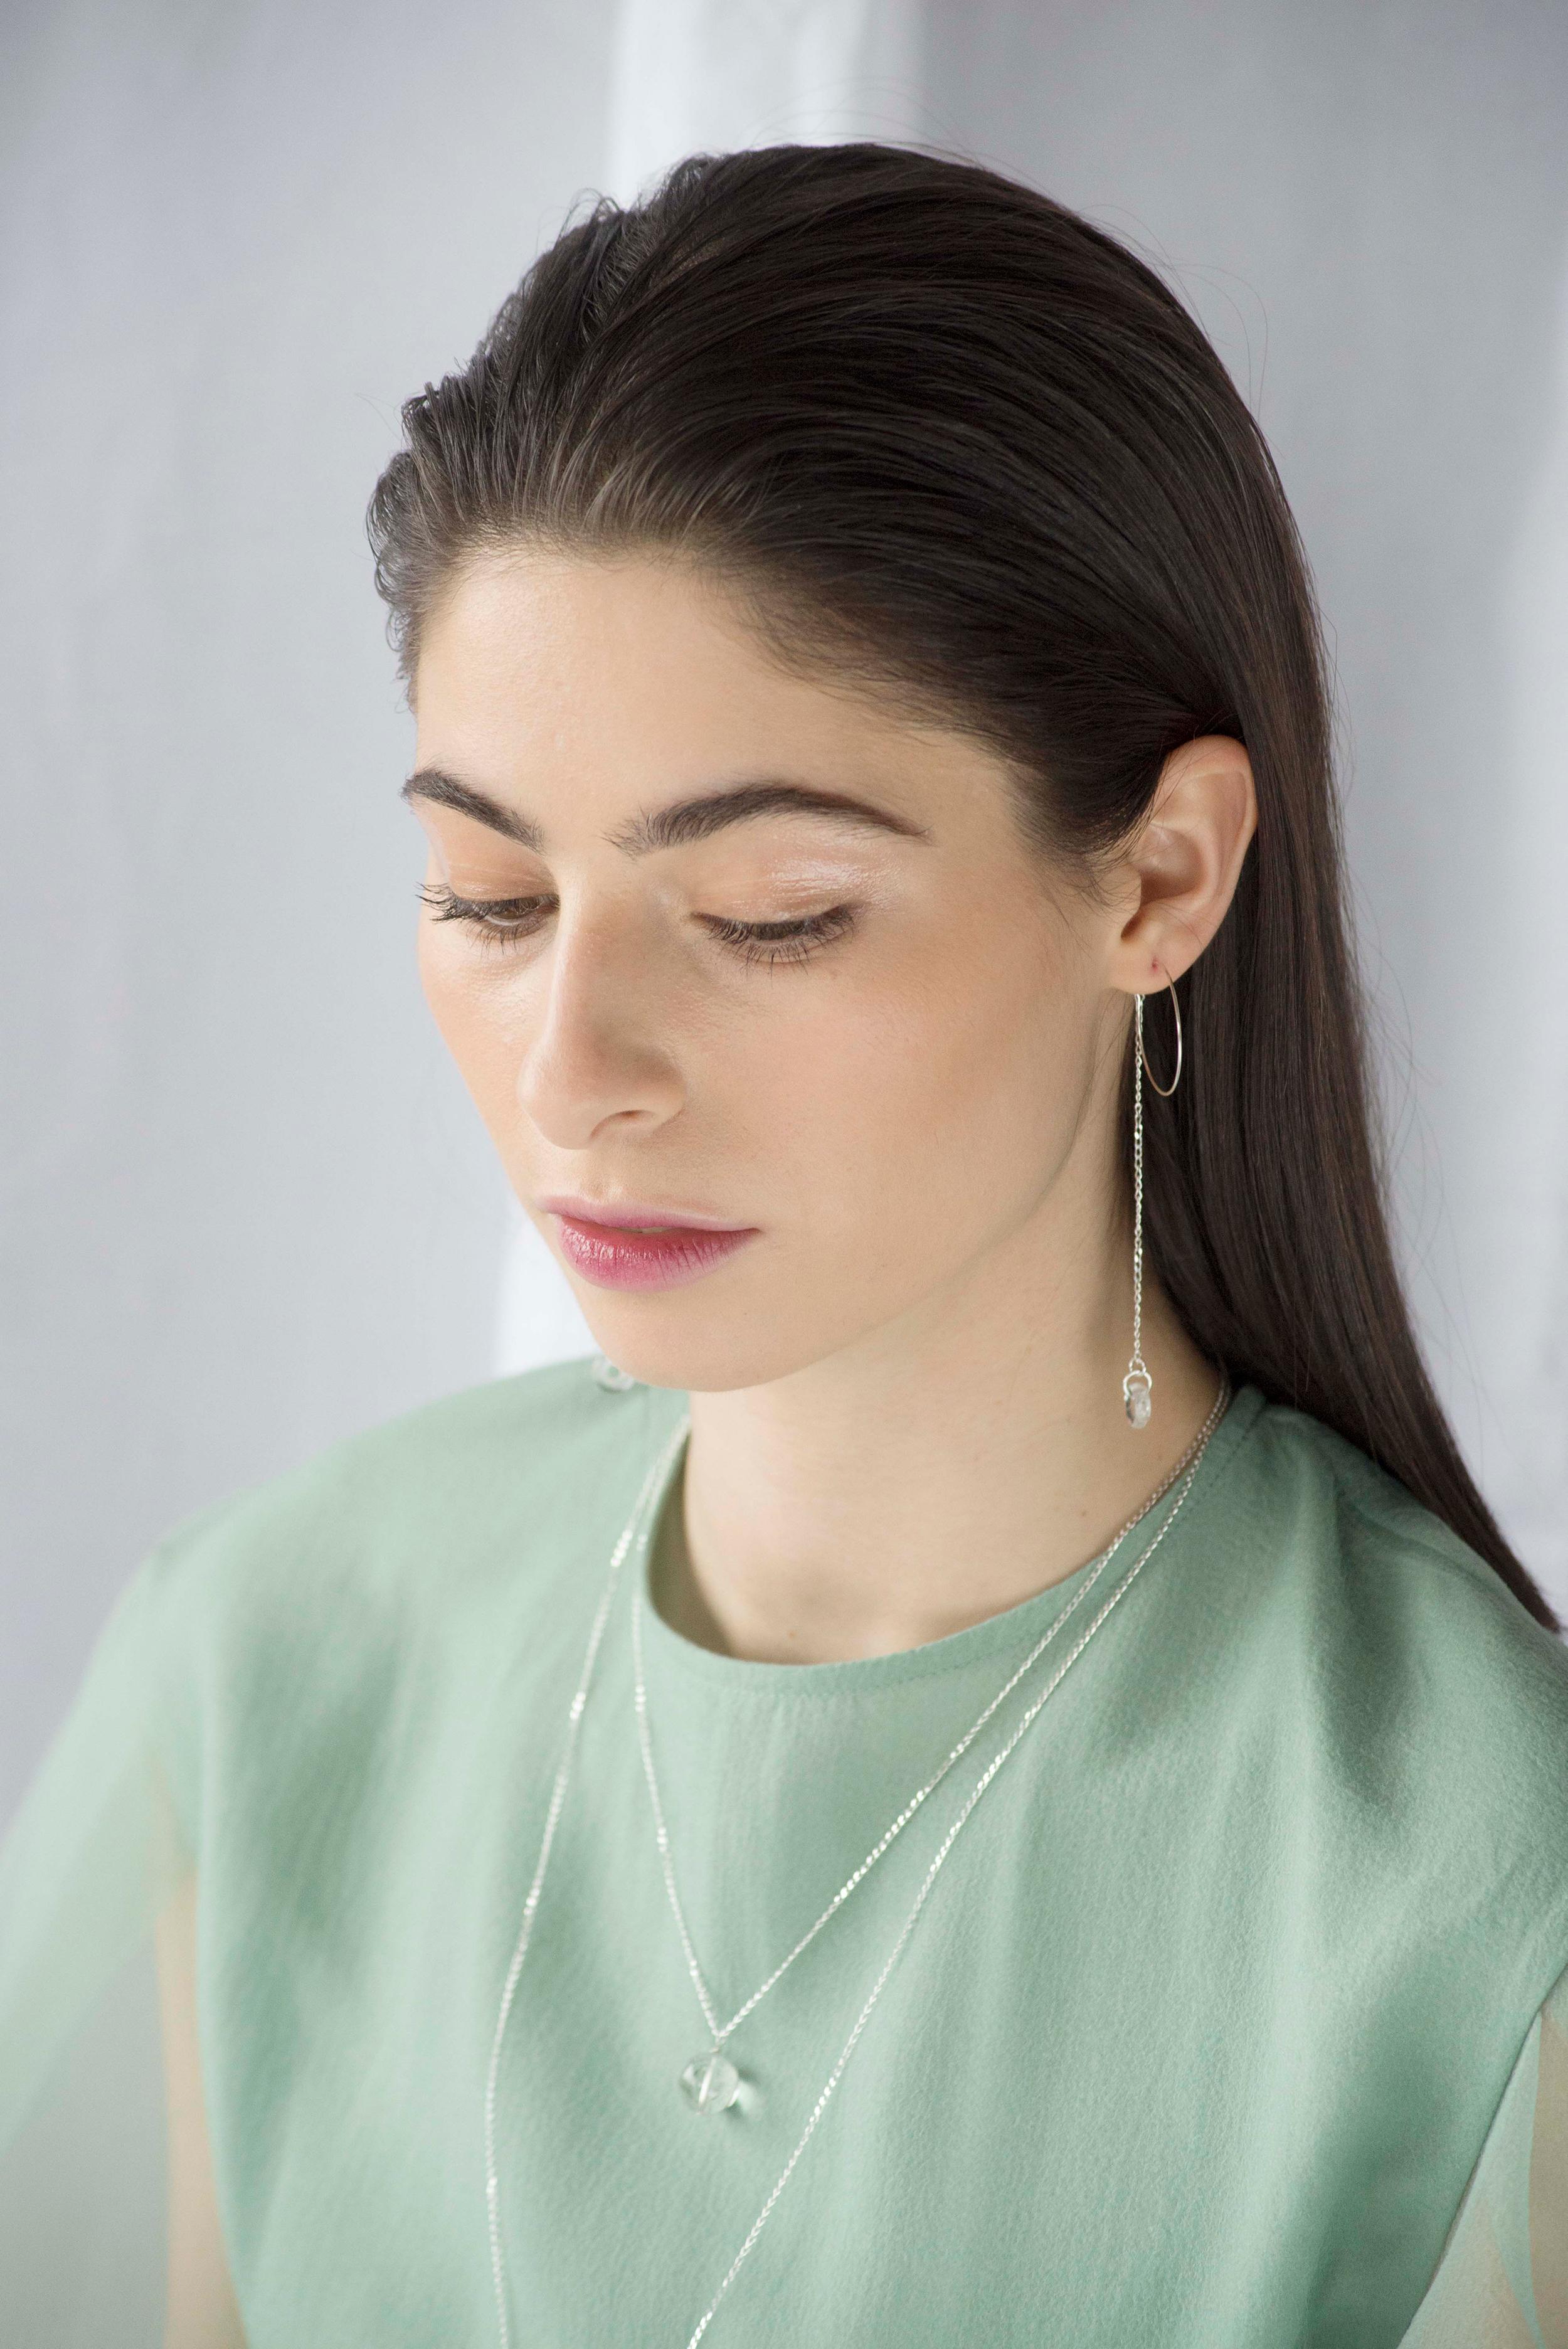 Dolorous Jewelry SS18 Lookbook Silver Quartz Orb Necklace Hoop Earrings 13.jpg